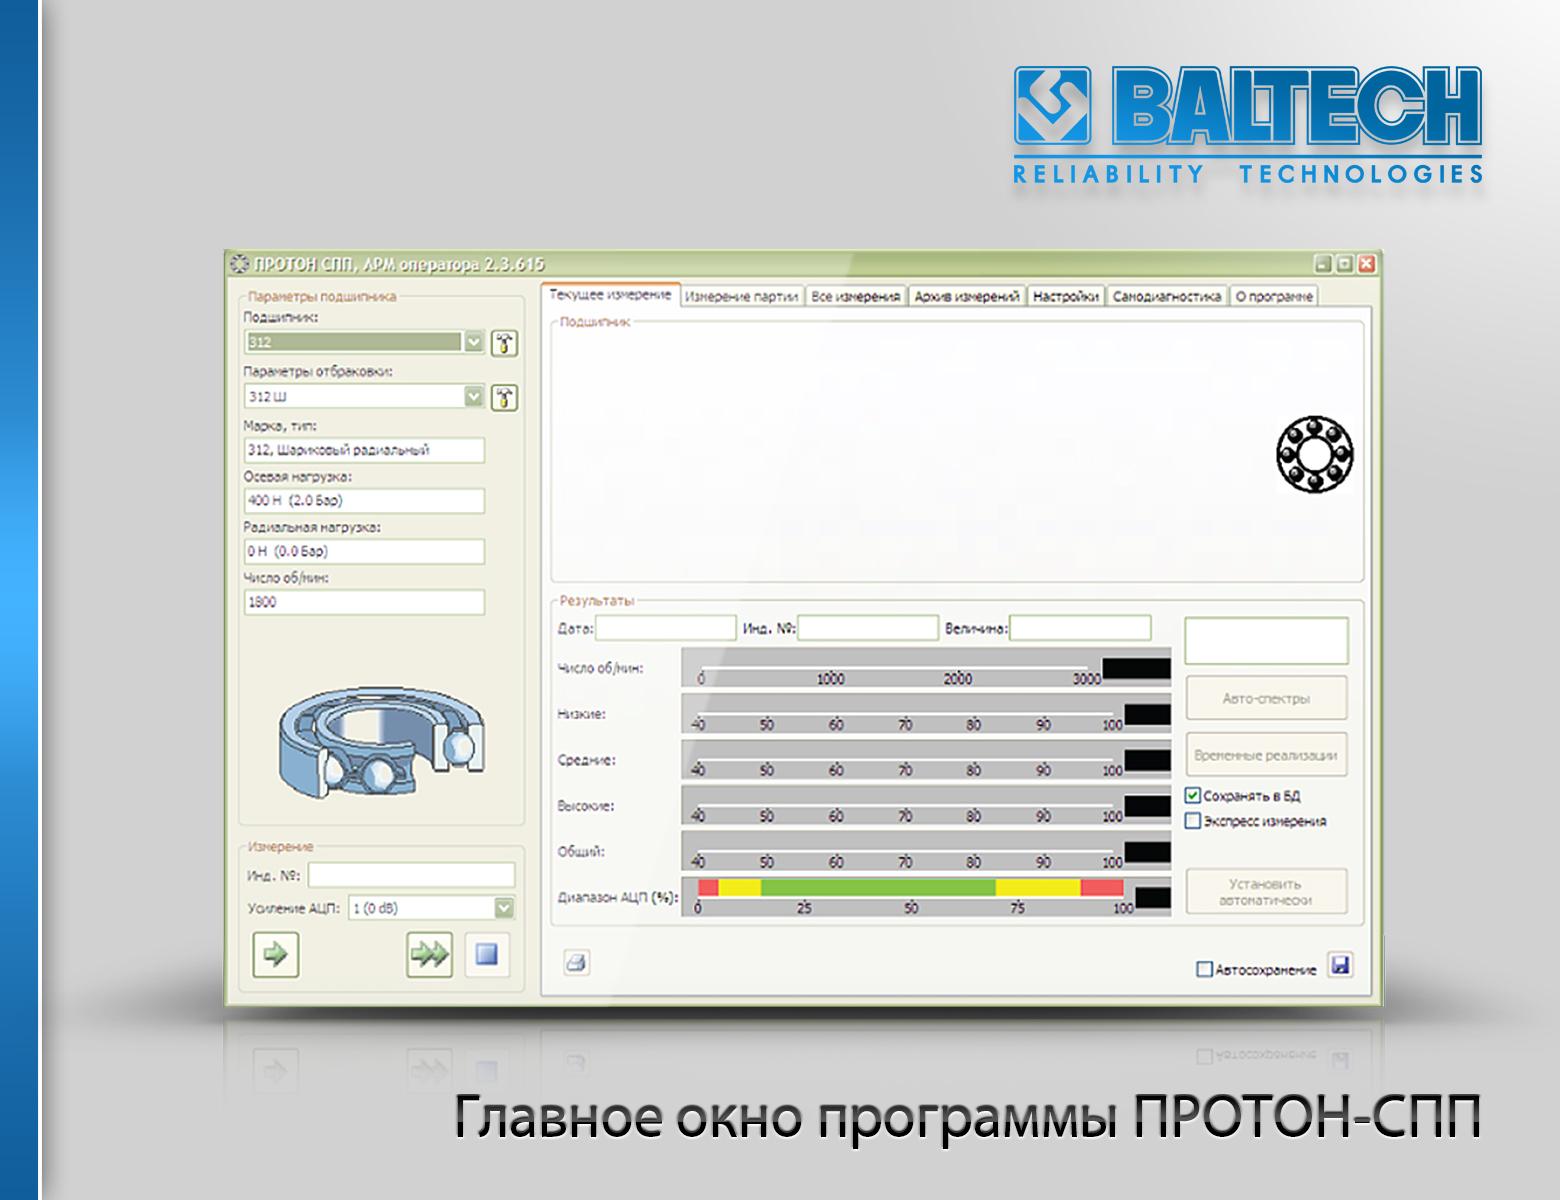 Диагностика подшипников, проверка подшипников качения, главное окно программы ПРОТОН-СПП